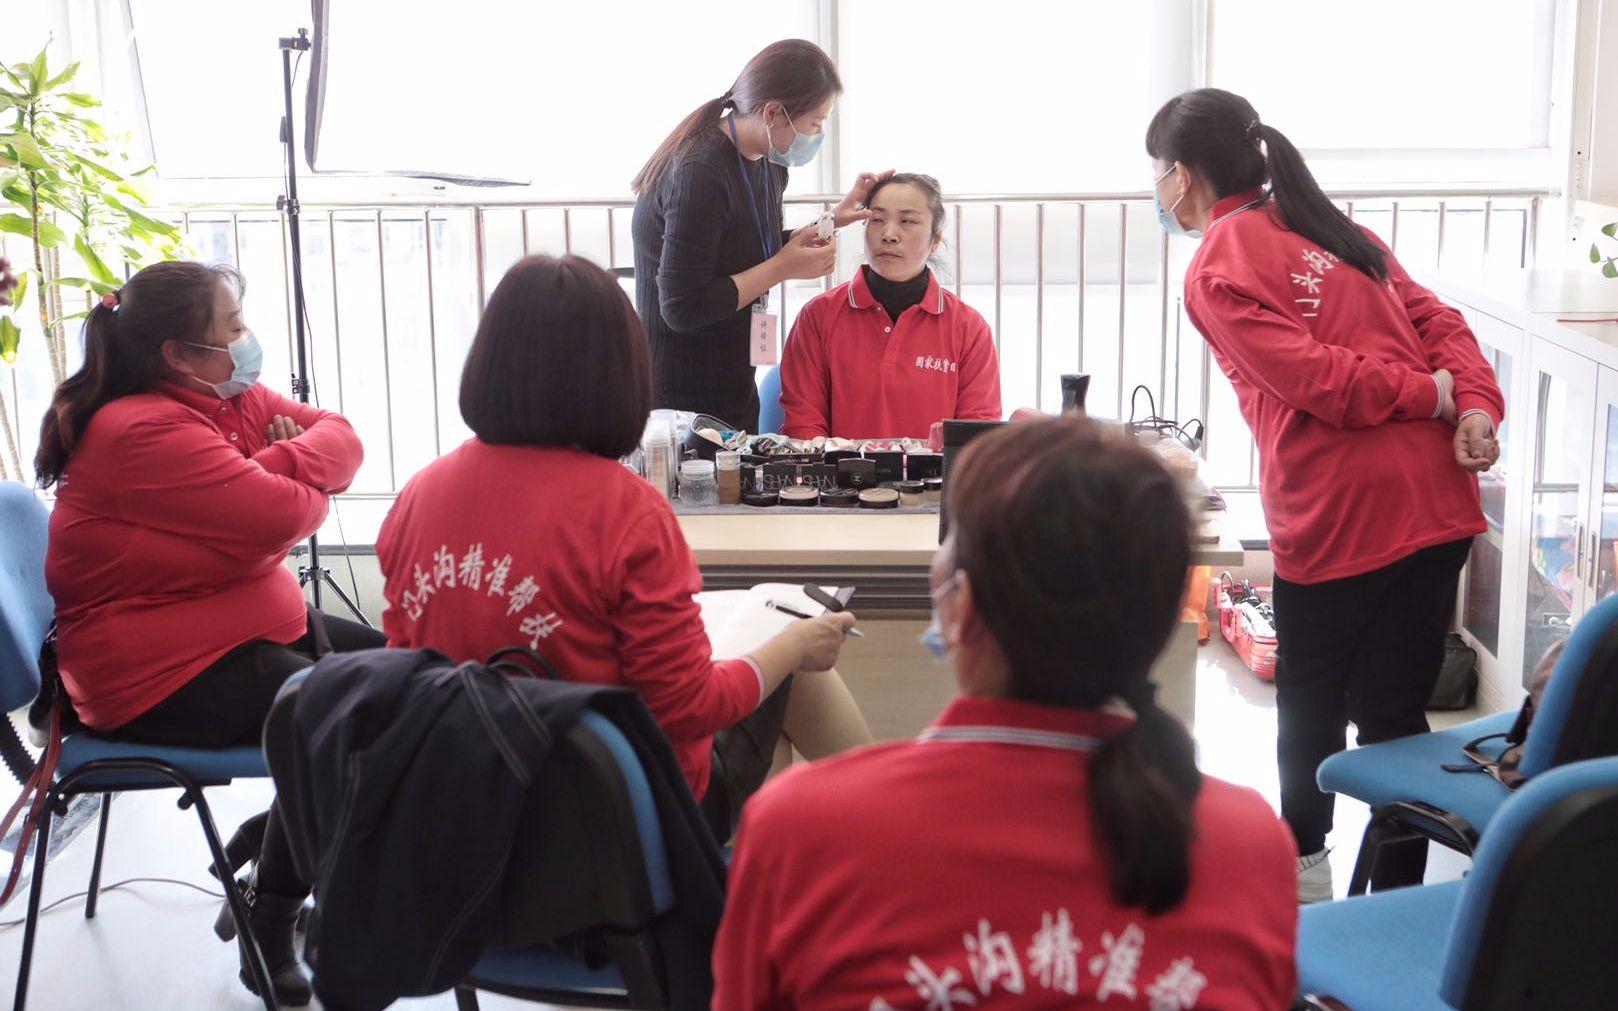 受帮扶区域的一些市民担当了美妆培训。拍照/新京报记者 王嘉宁